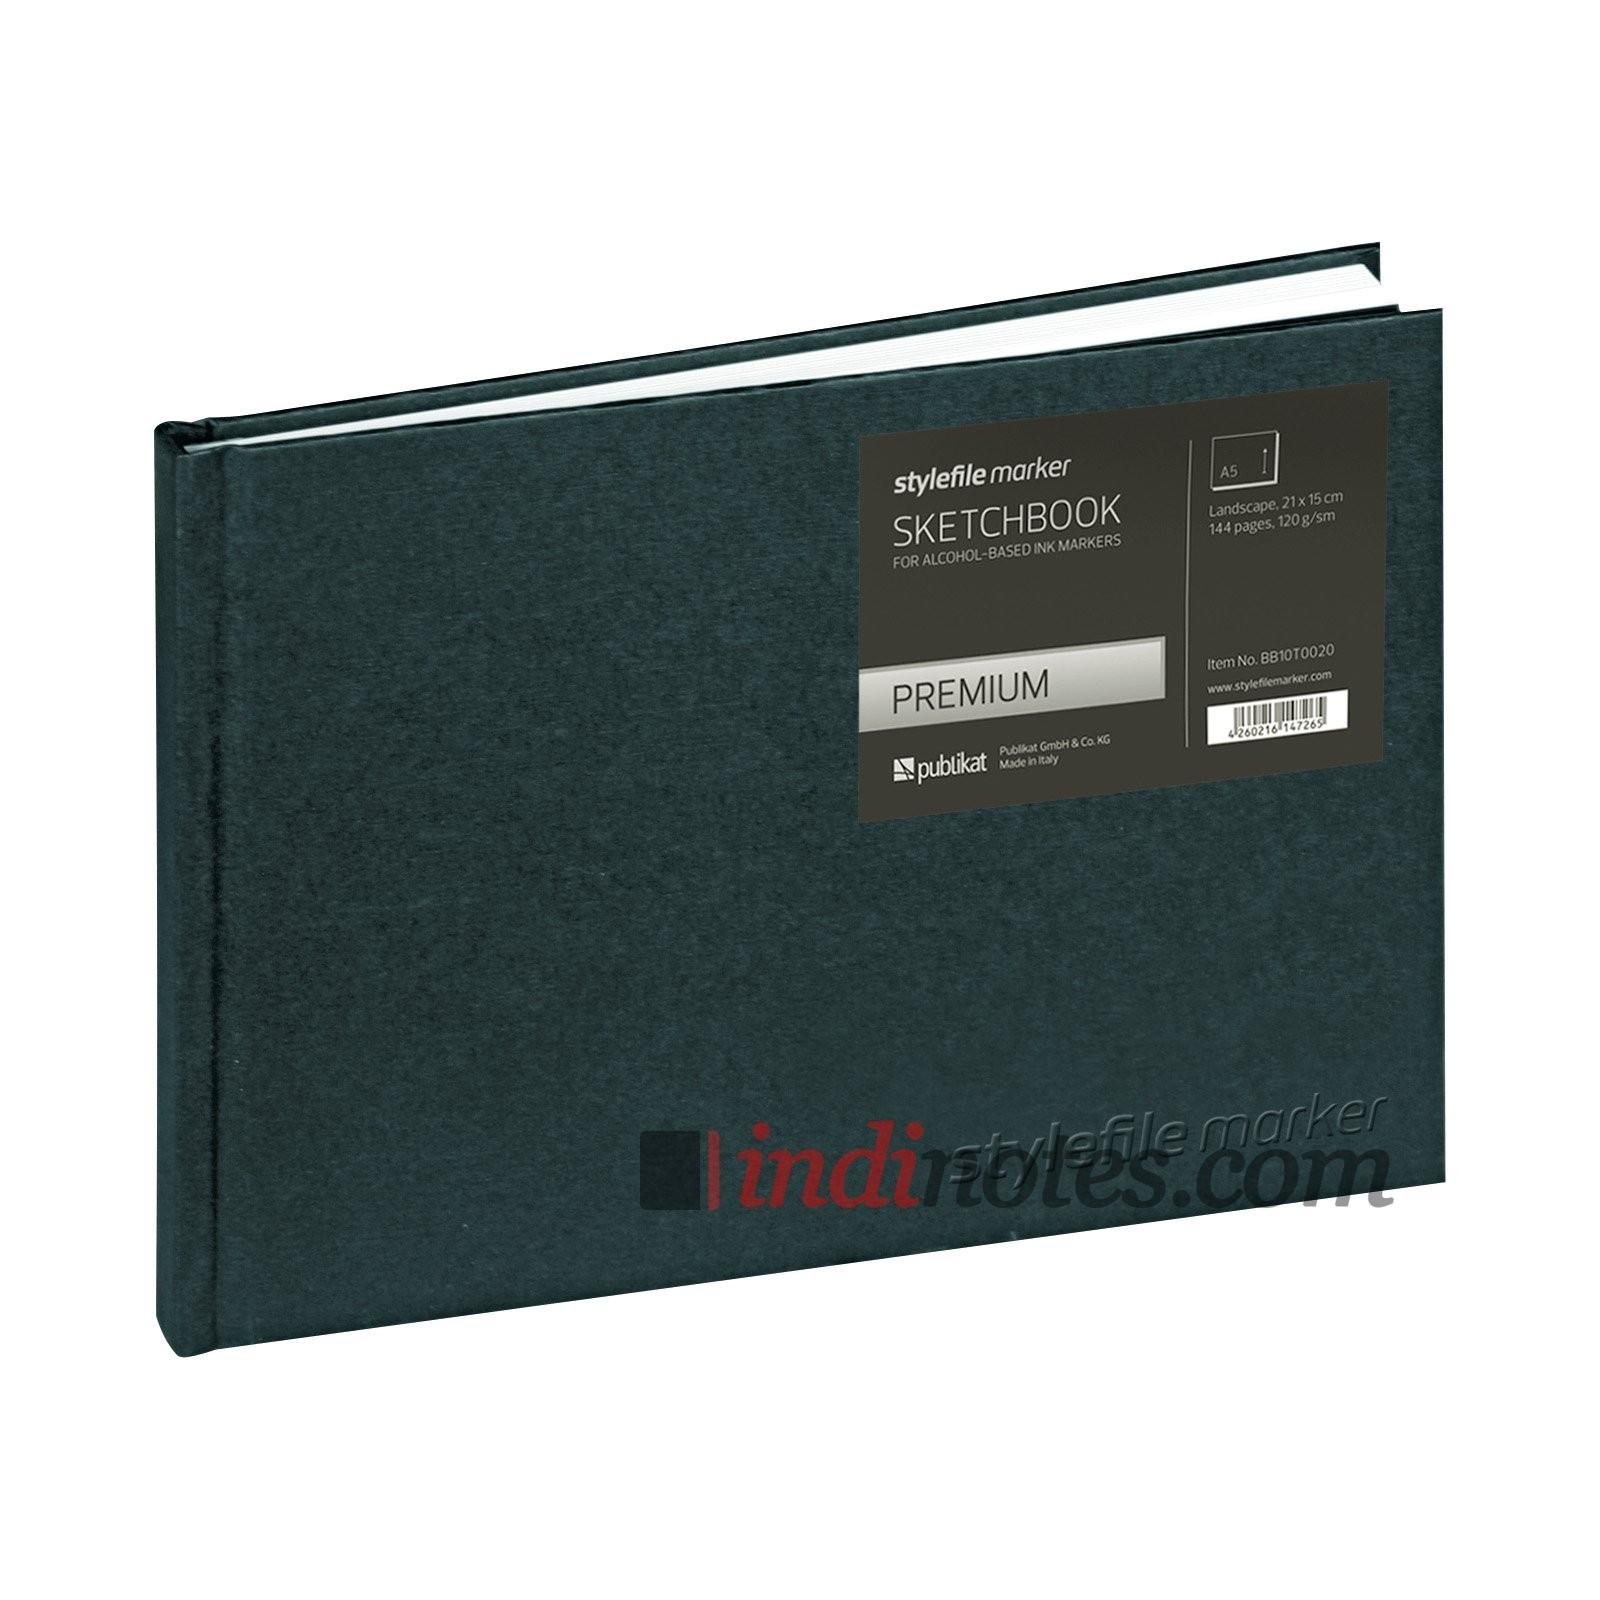 Скетчбук для маркеров StyleFile Marker Premium, пейзаж А5